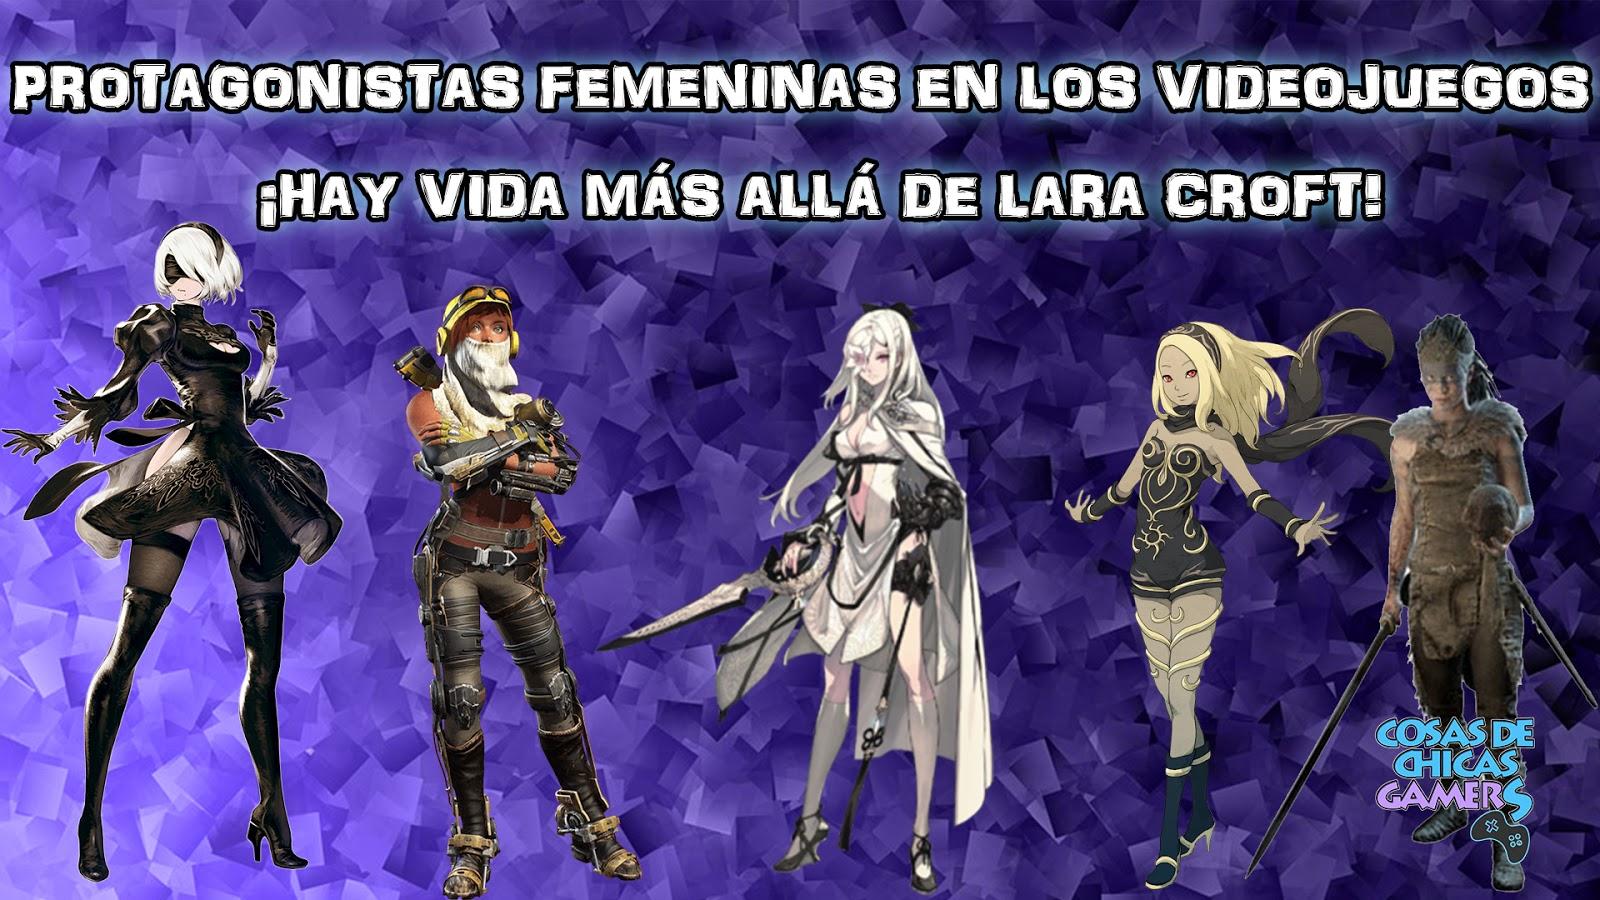 Videojuegos Protagonizados Por Mujeres Hay Vida Mas Alla De Lara